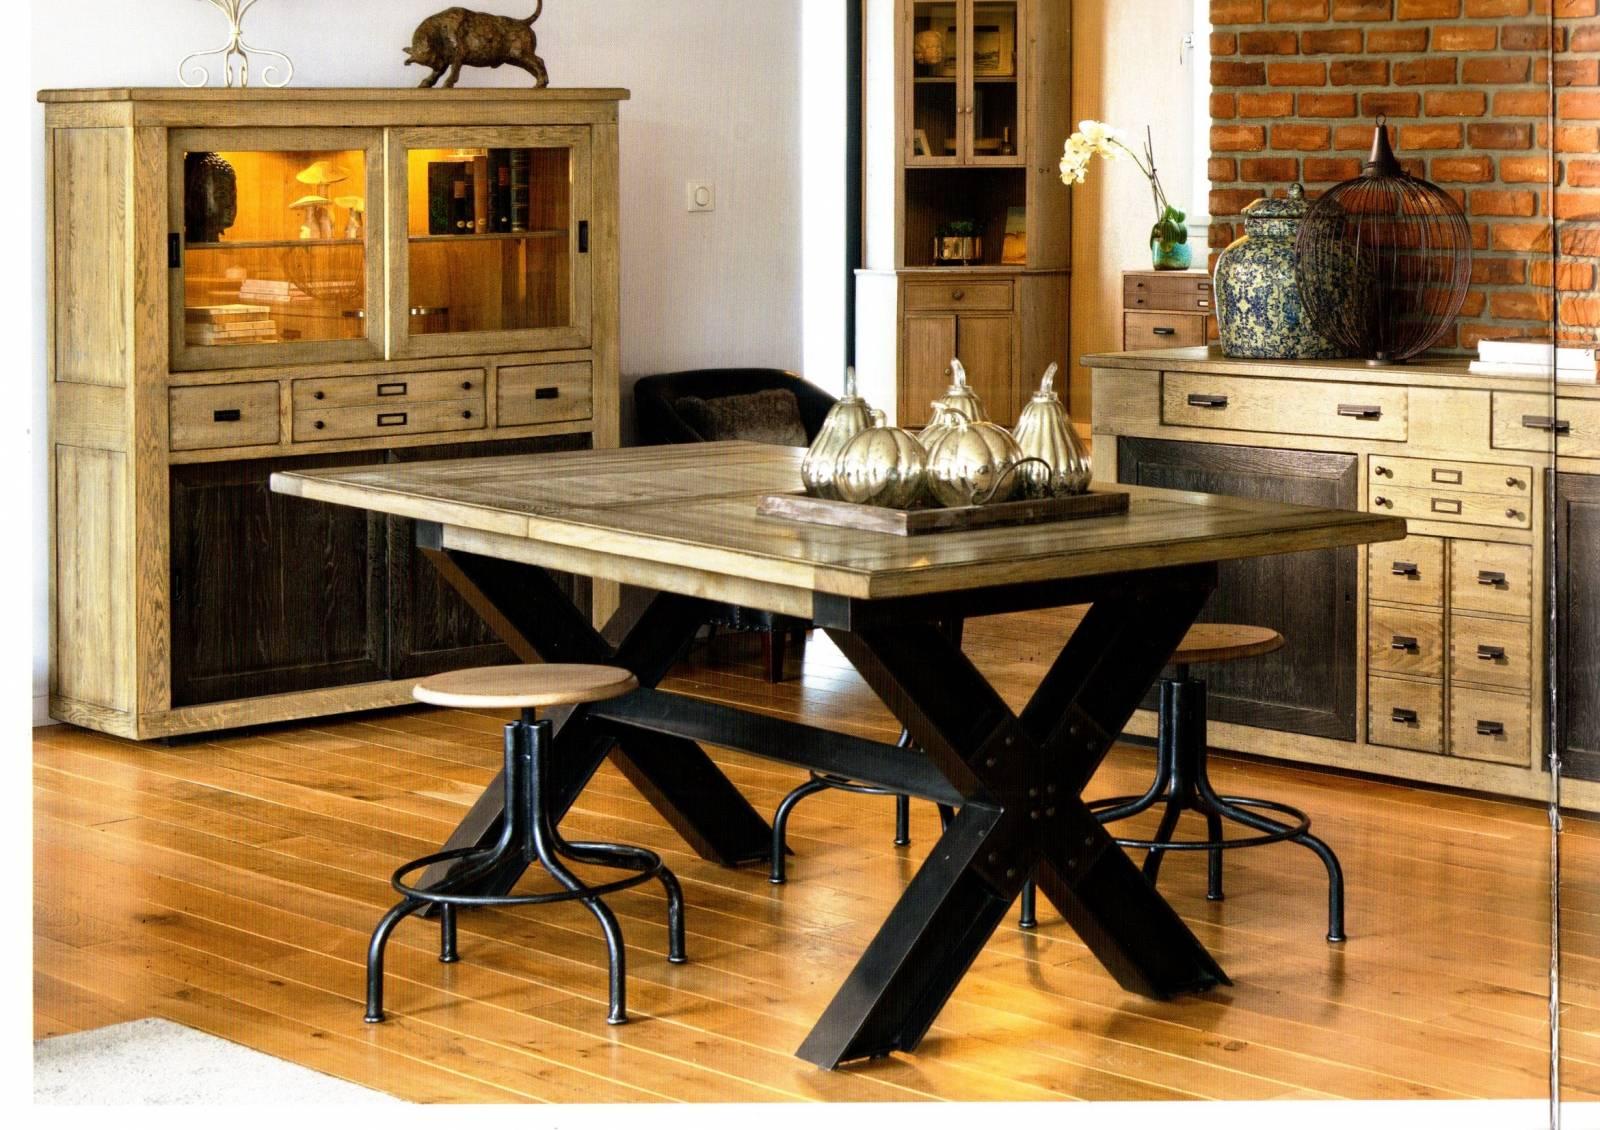 Salon Table À Manger table en chêne massif avec pied x en métal , pour salon et